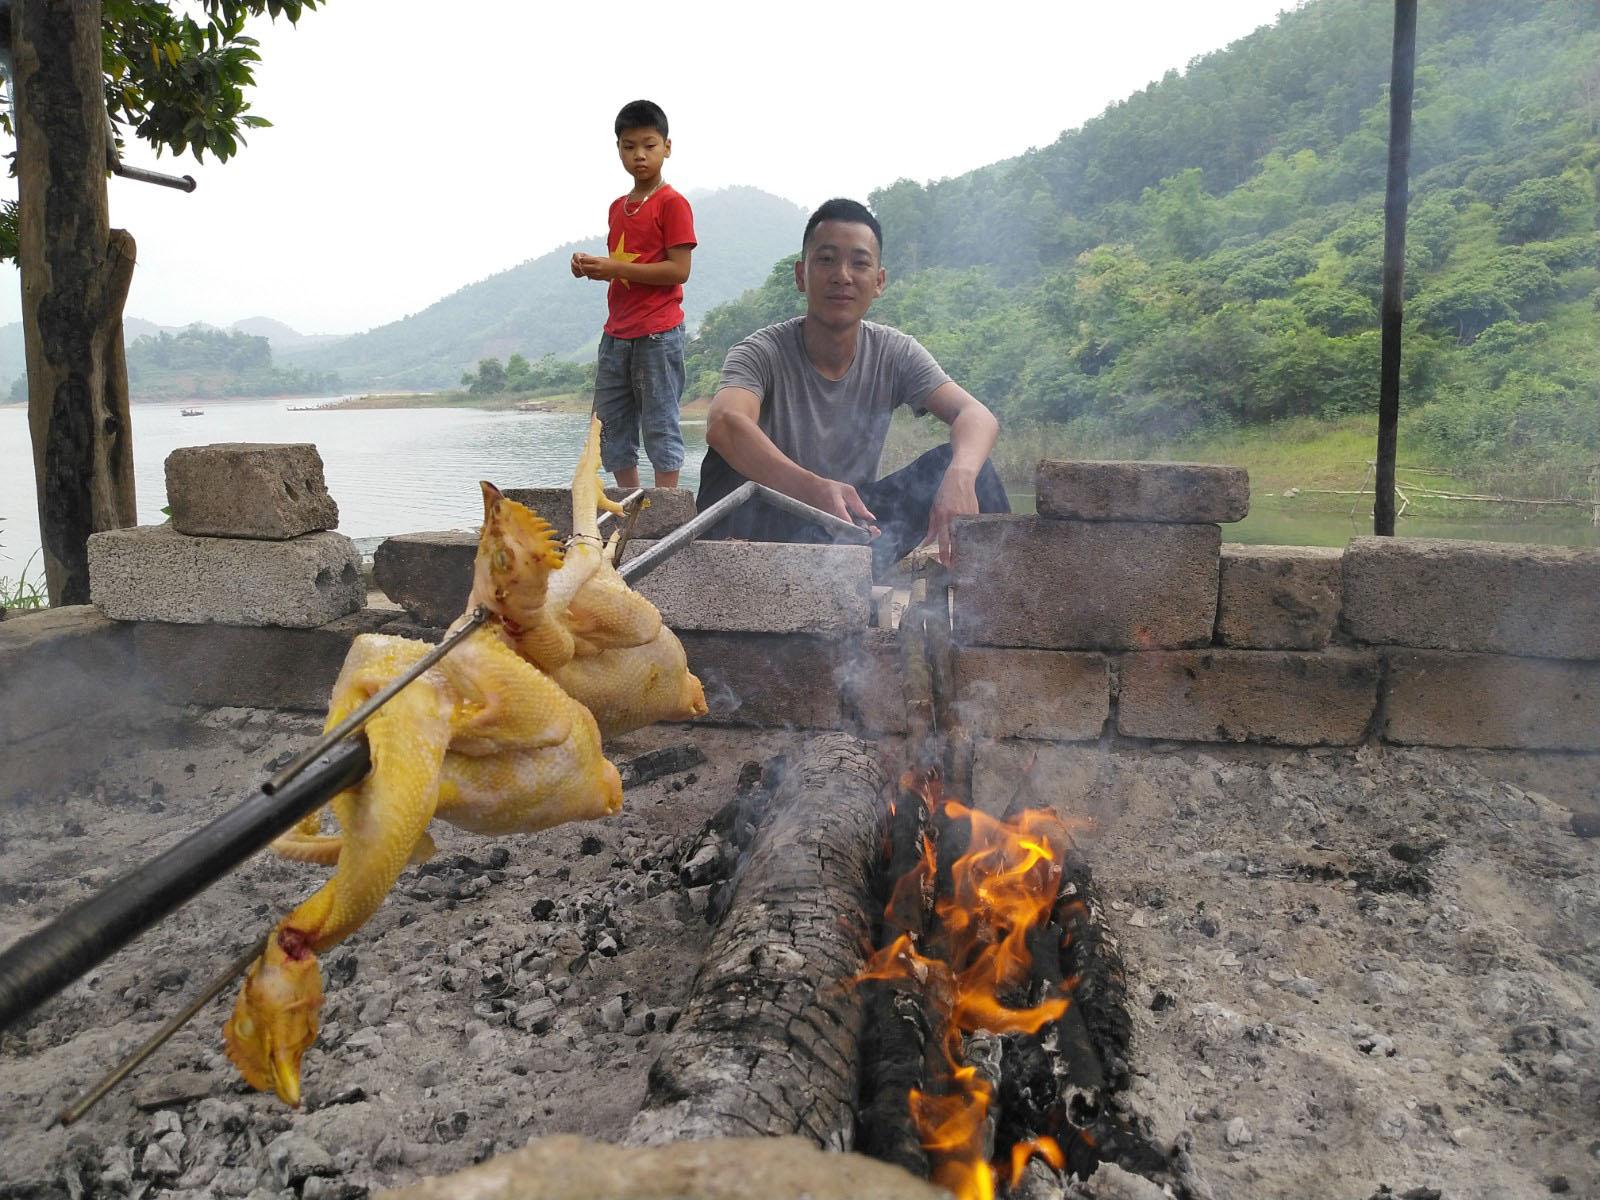 Người dân bản địa làm món gà nướng.